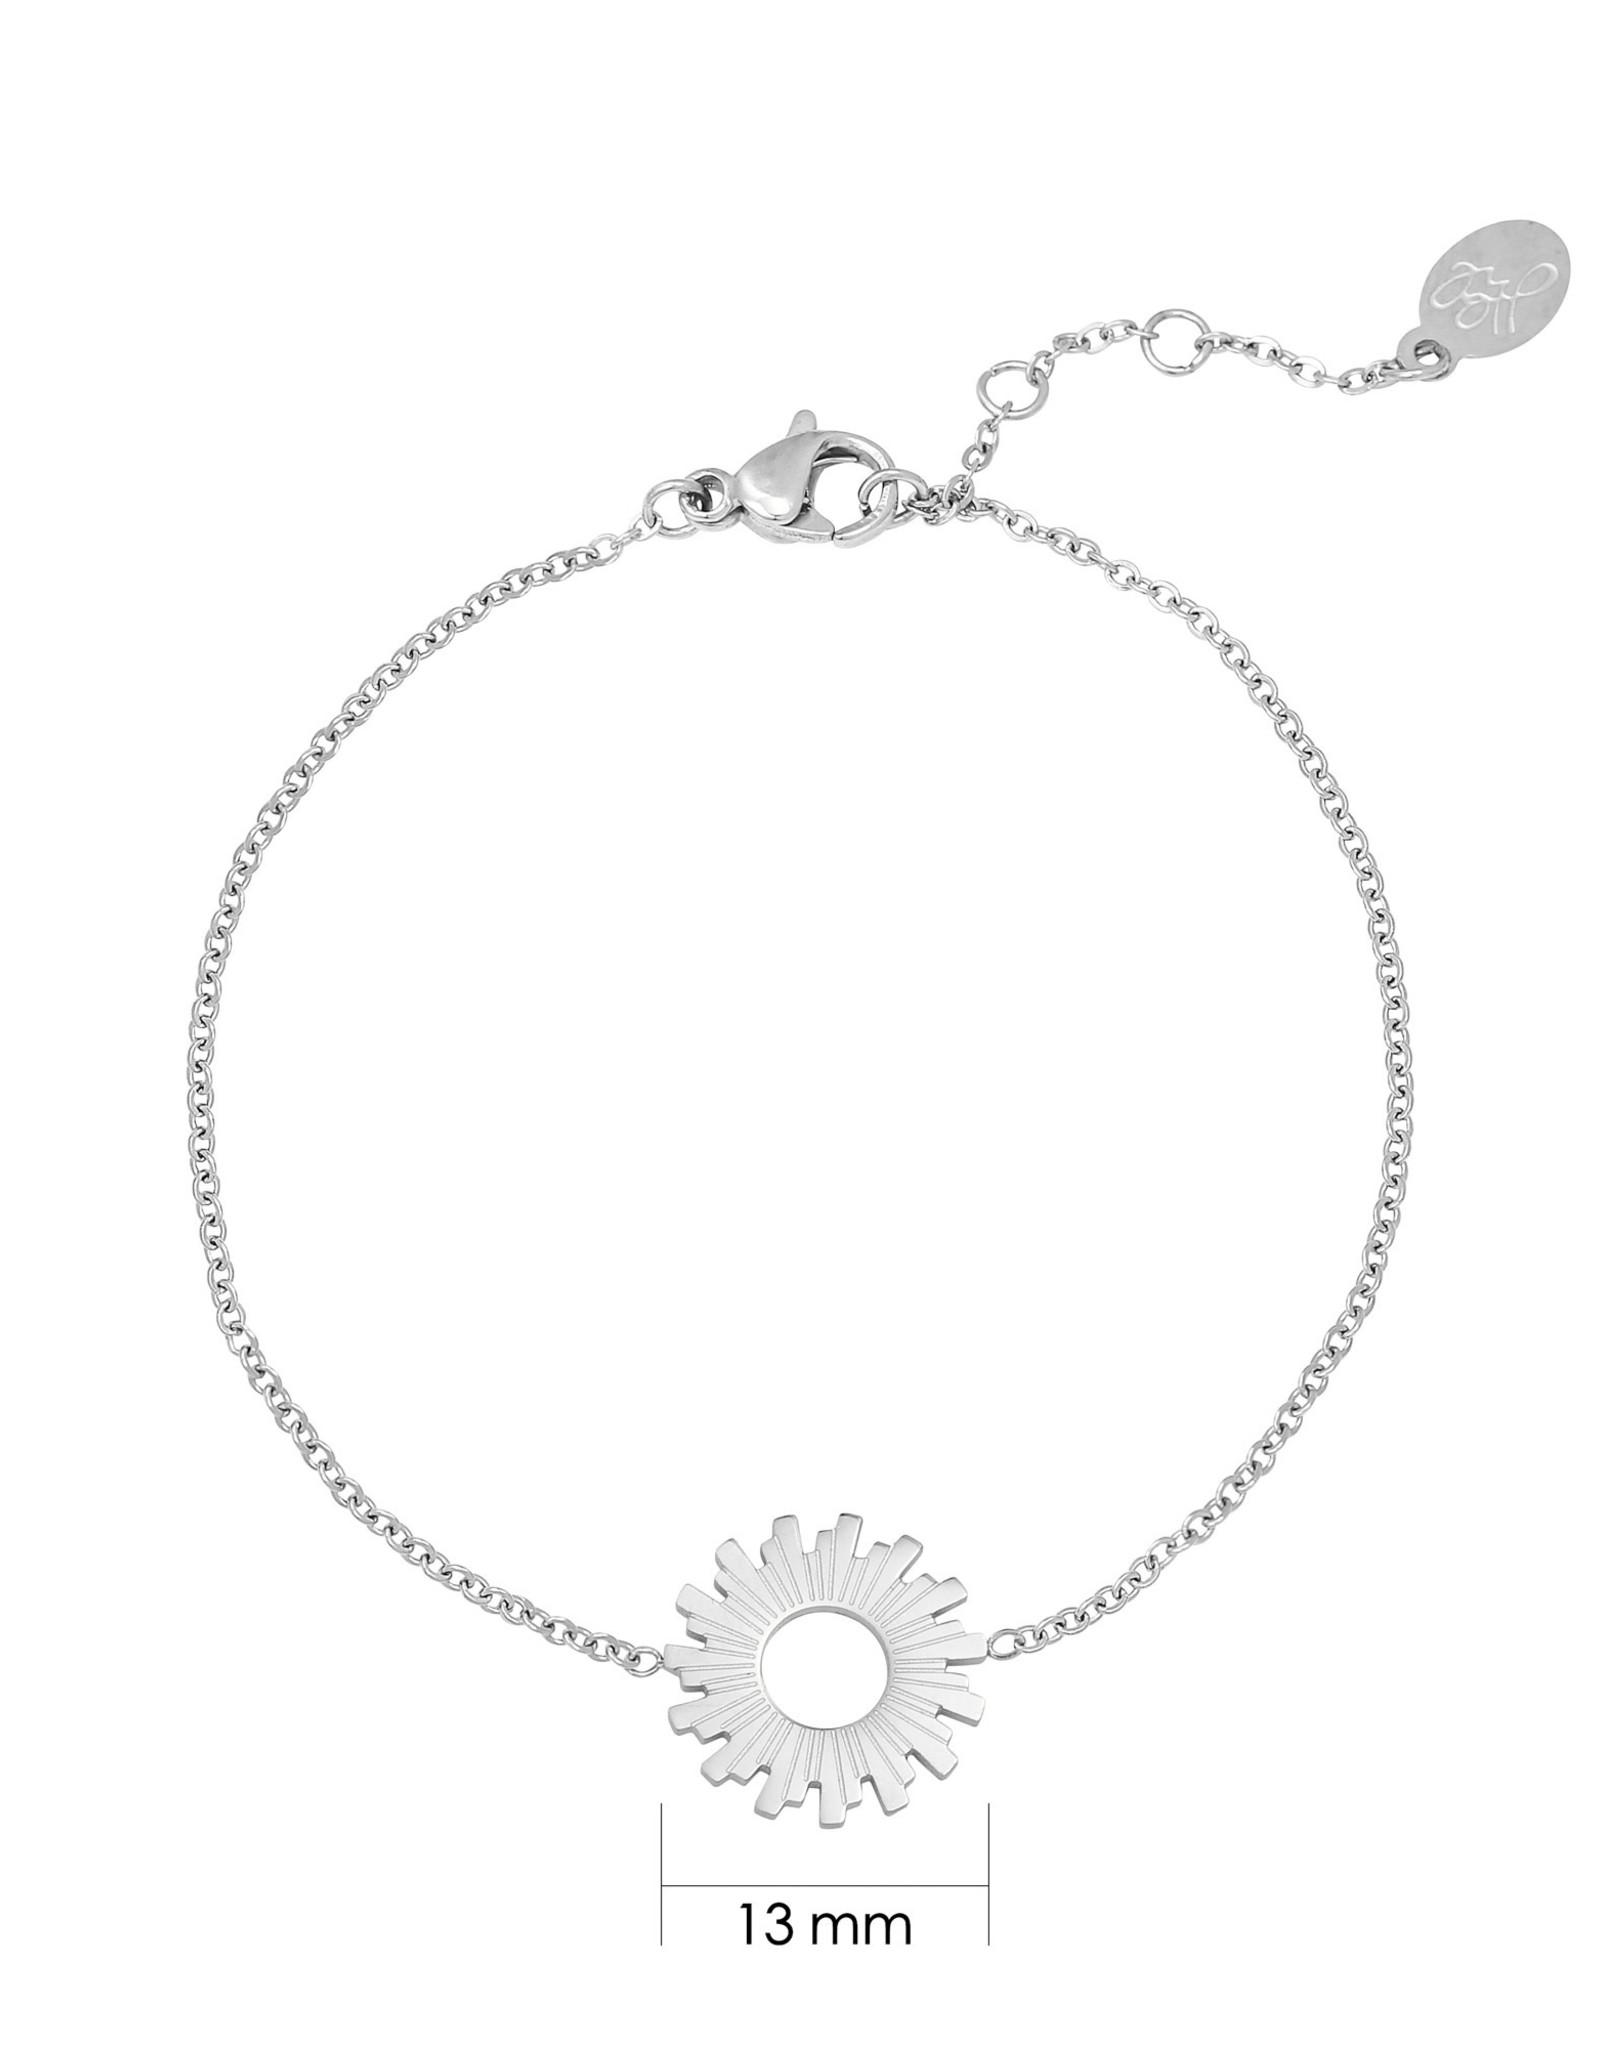 Yehwang Yehwang armbandje swirl silver